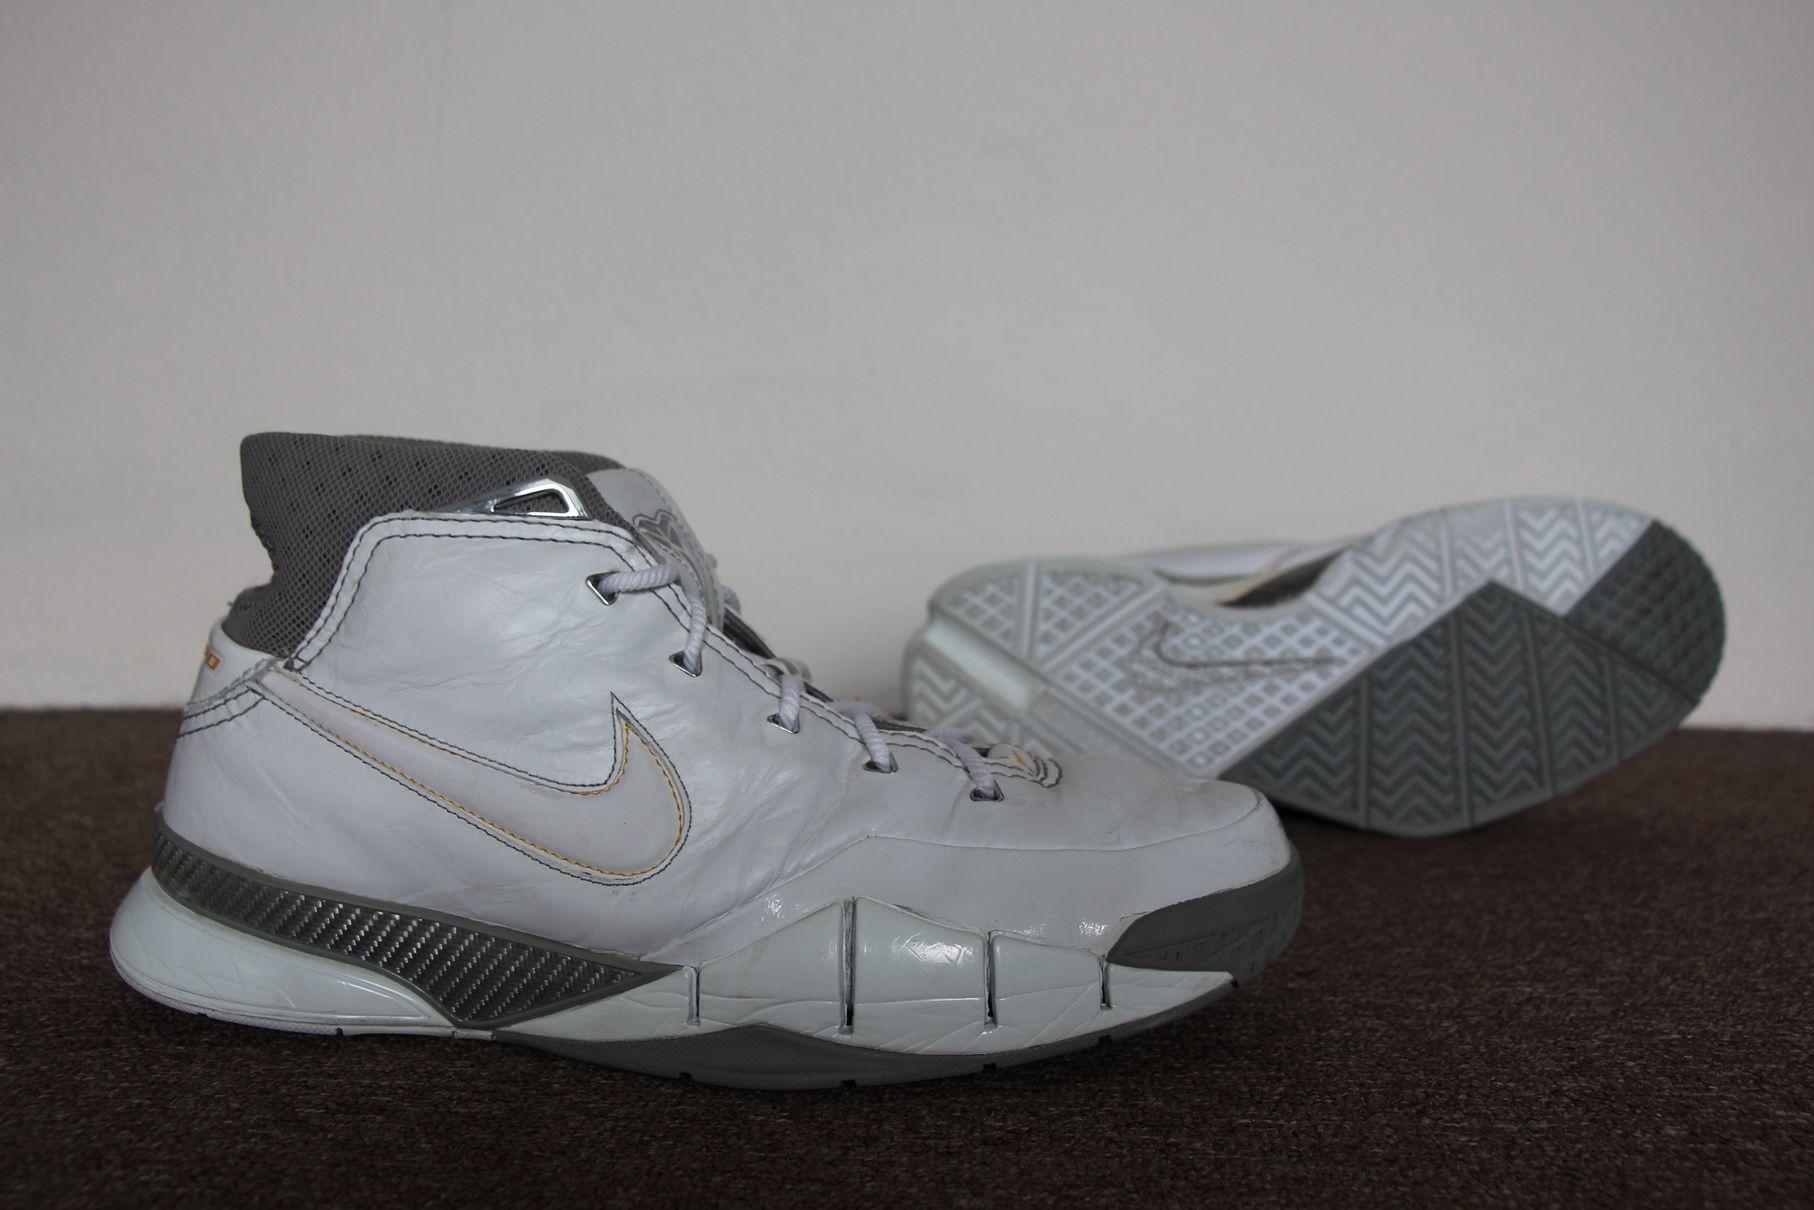 f4c46634228b 2006 Nike Zoom Kobe 1